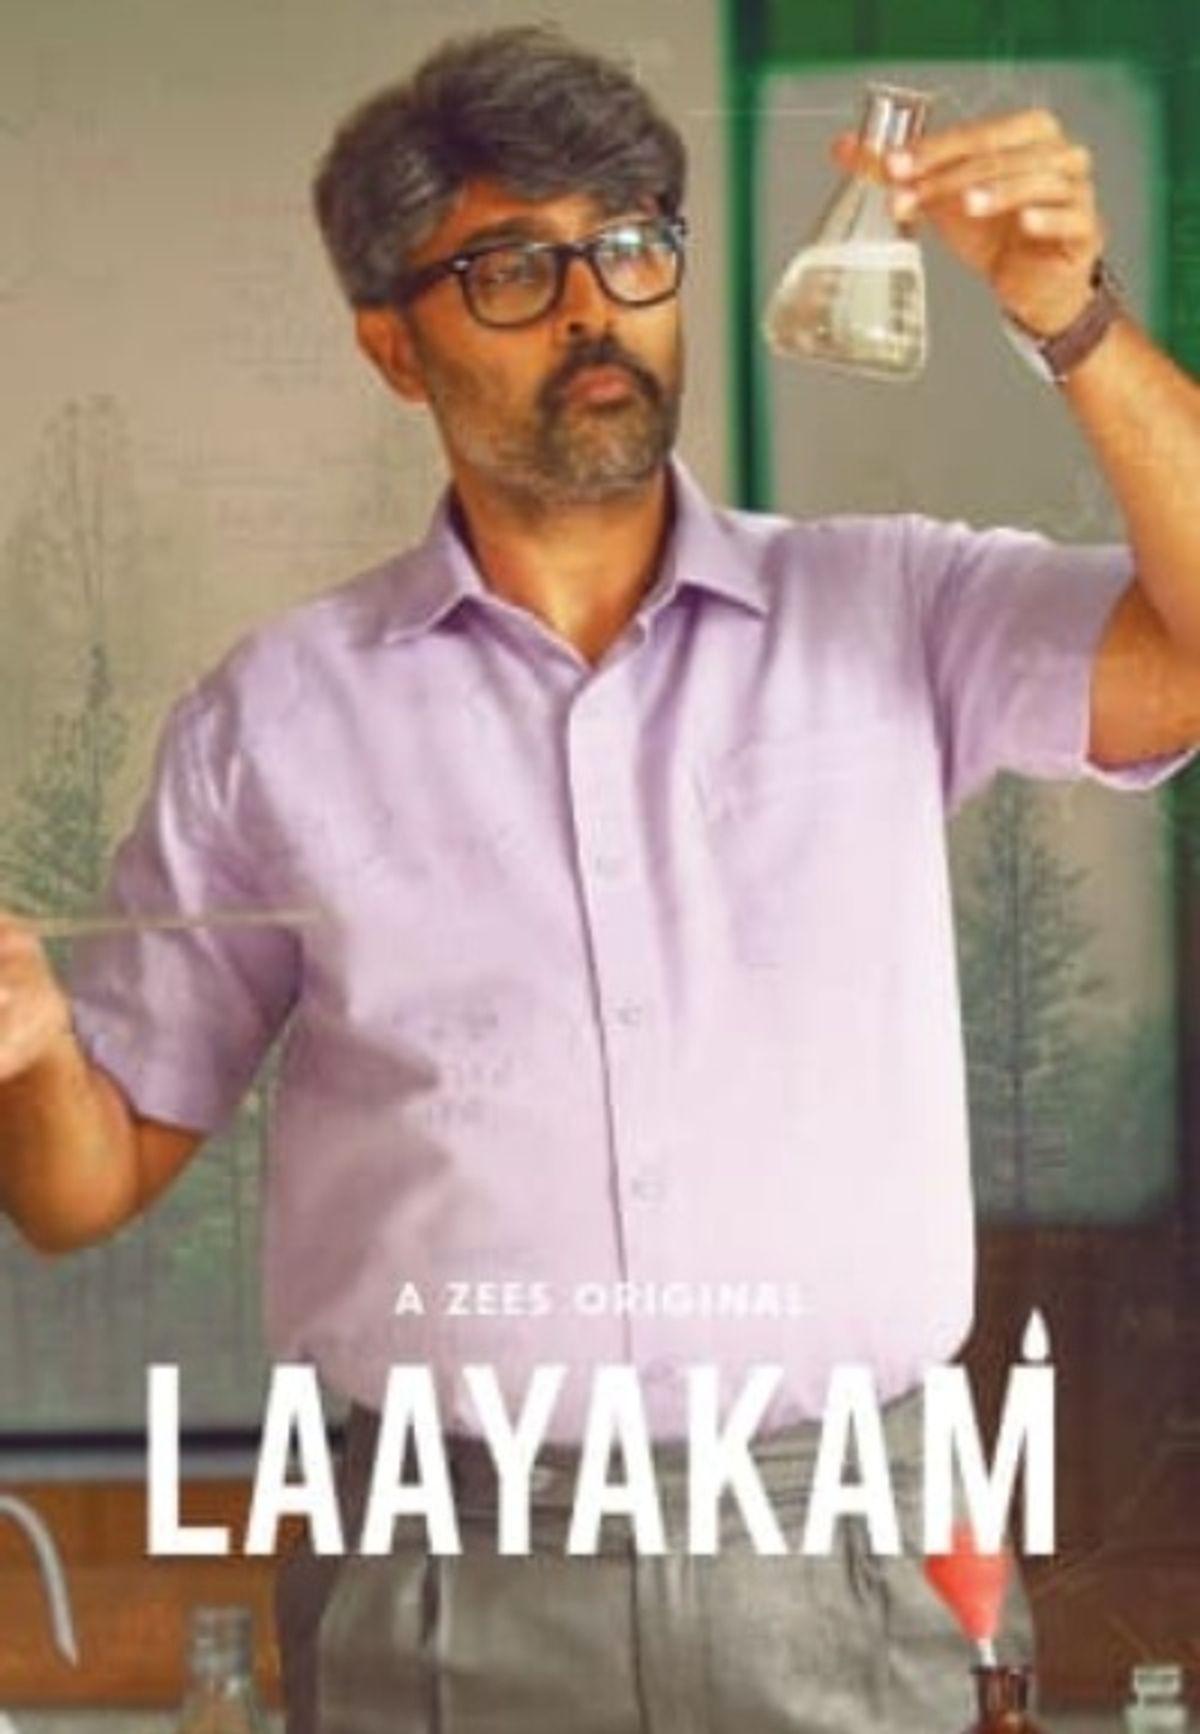 Laayakam